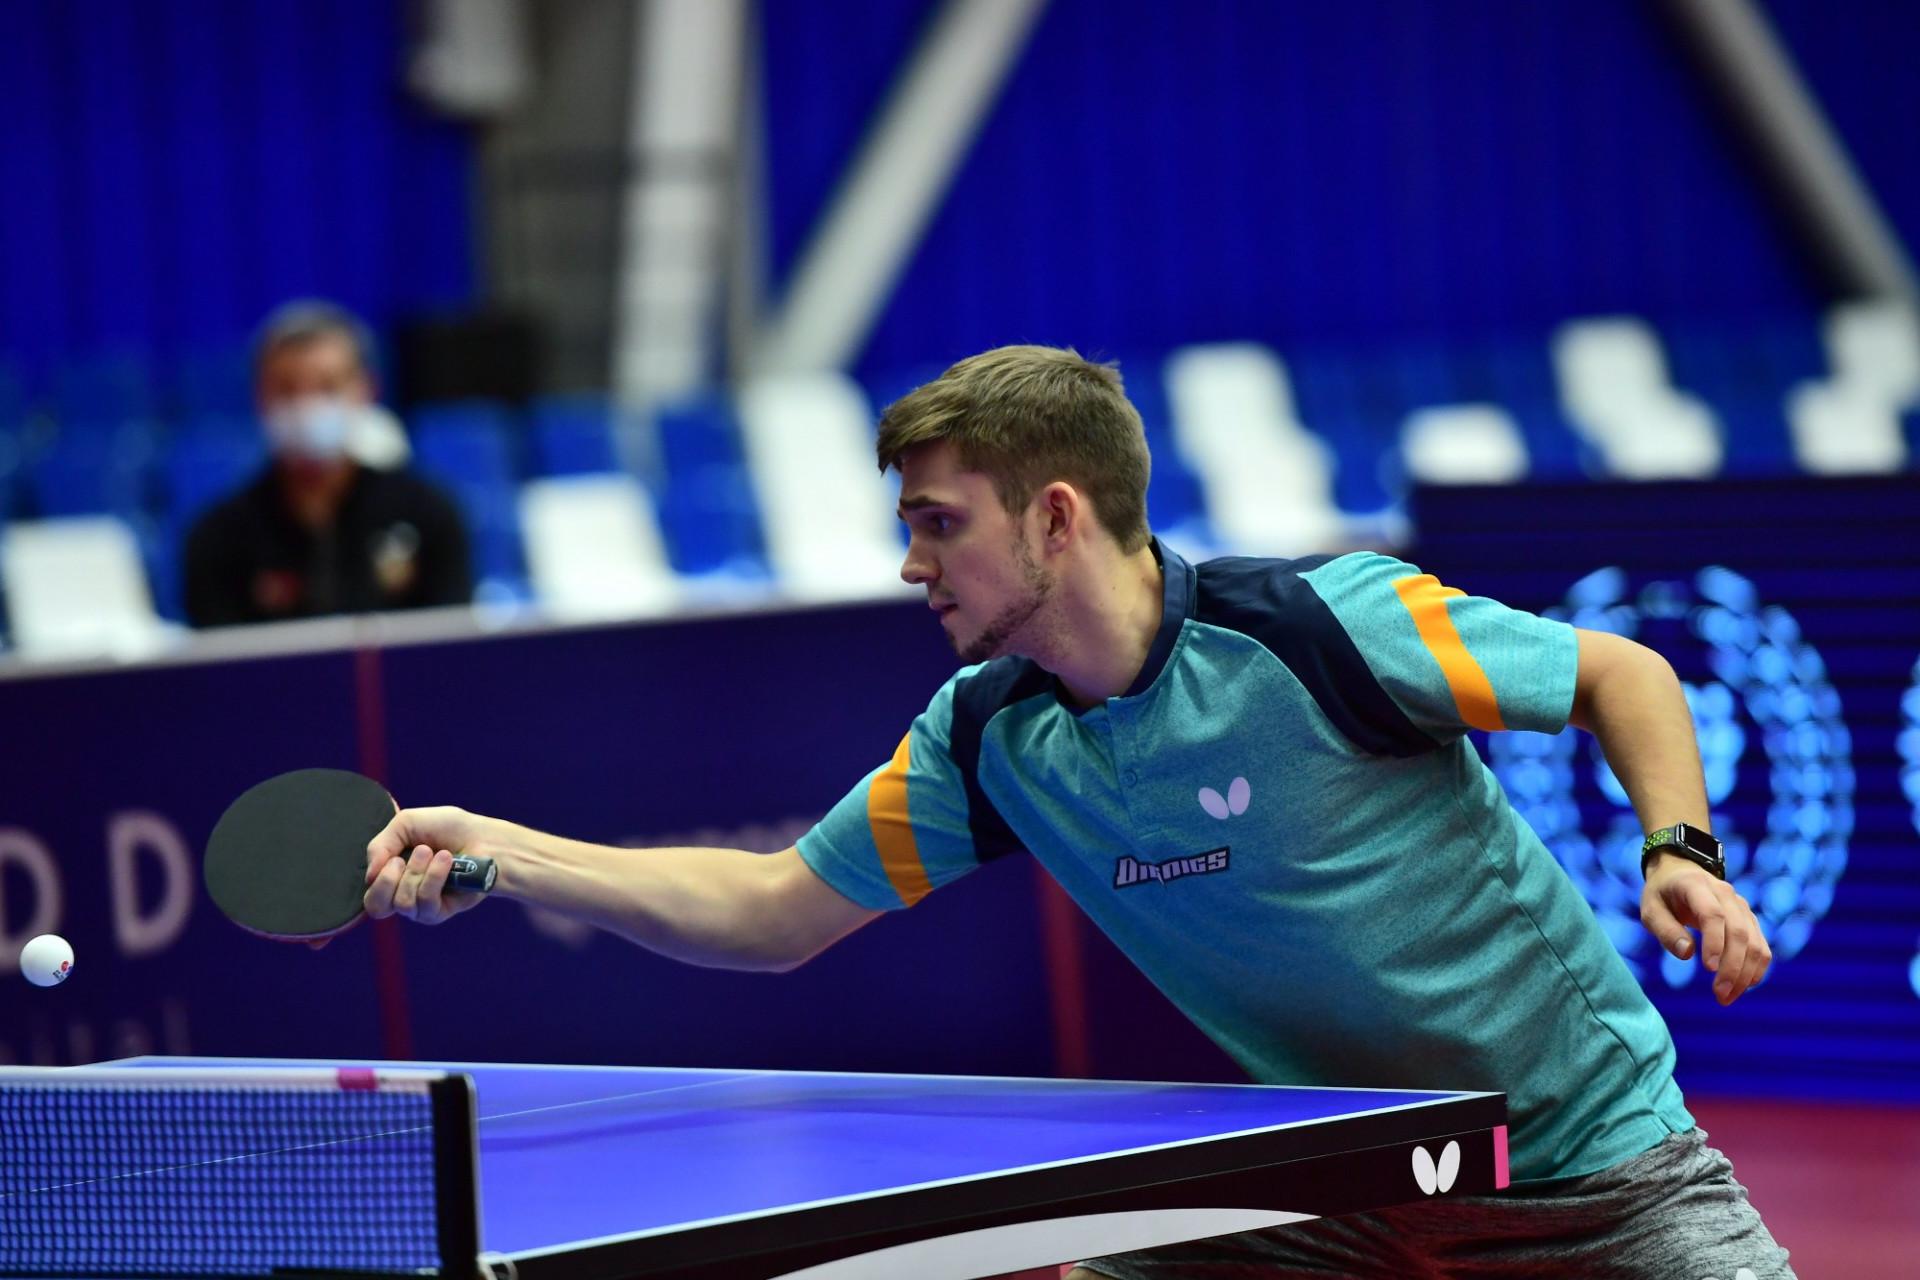 Кирилл Герасименко вышел в ¼ финала международного турнира по настольному теннису